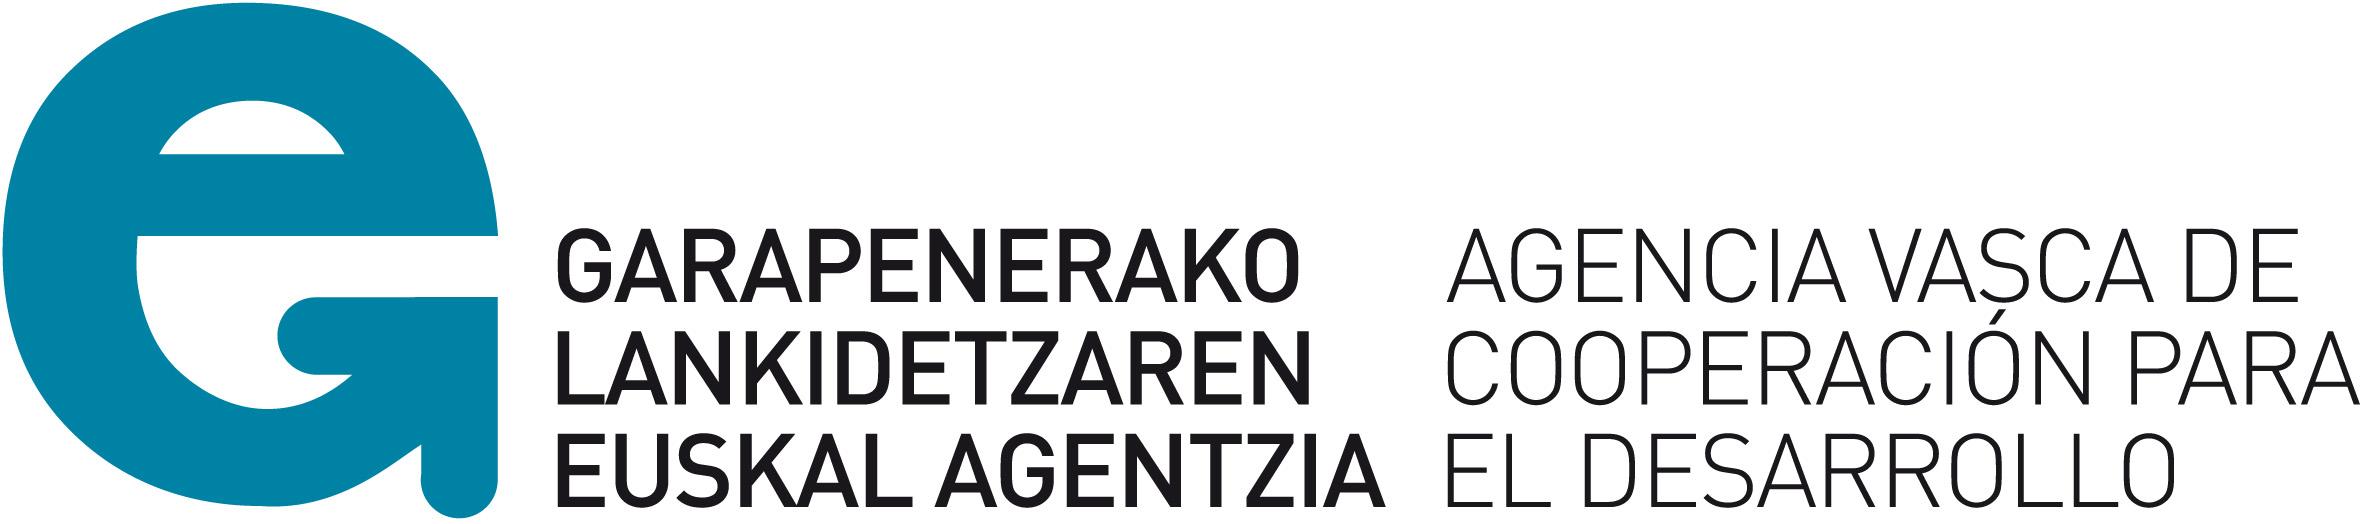 Logo Garapenerako